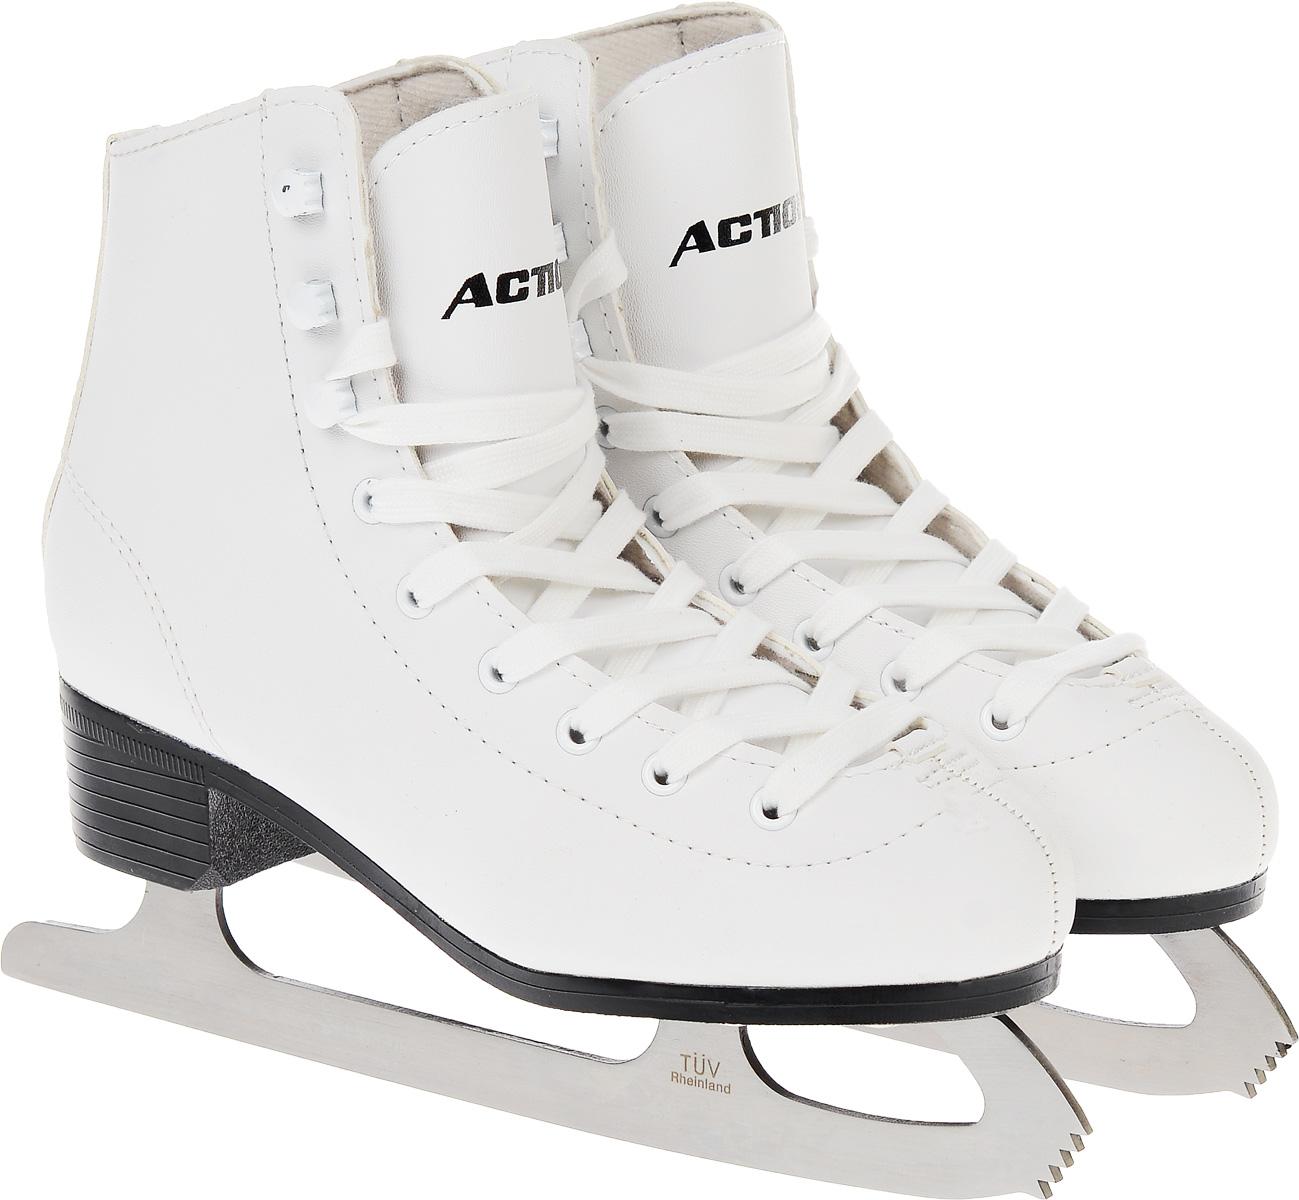 Коньки фигурные женские Action Sporting Goods, цвет: белый. PW-215. Размер 38CK Ladies Lux 2012-2013 White TricotВысокий классический ботинок идеально подойдет для любительского катания. Модель снабжена системой быстрой шнуровки и поддержкой голеностопа. Верх ботинка выполнен из высококачественной искусственной кожи, подошва - твердый пластик.Лезвие изготовлено из нержавеющей стали со специальным покрытием, придающим дополнительную прочность.